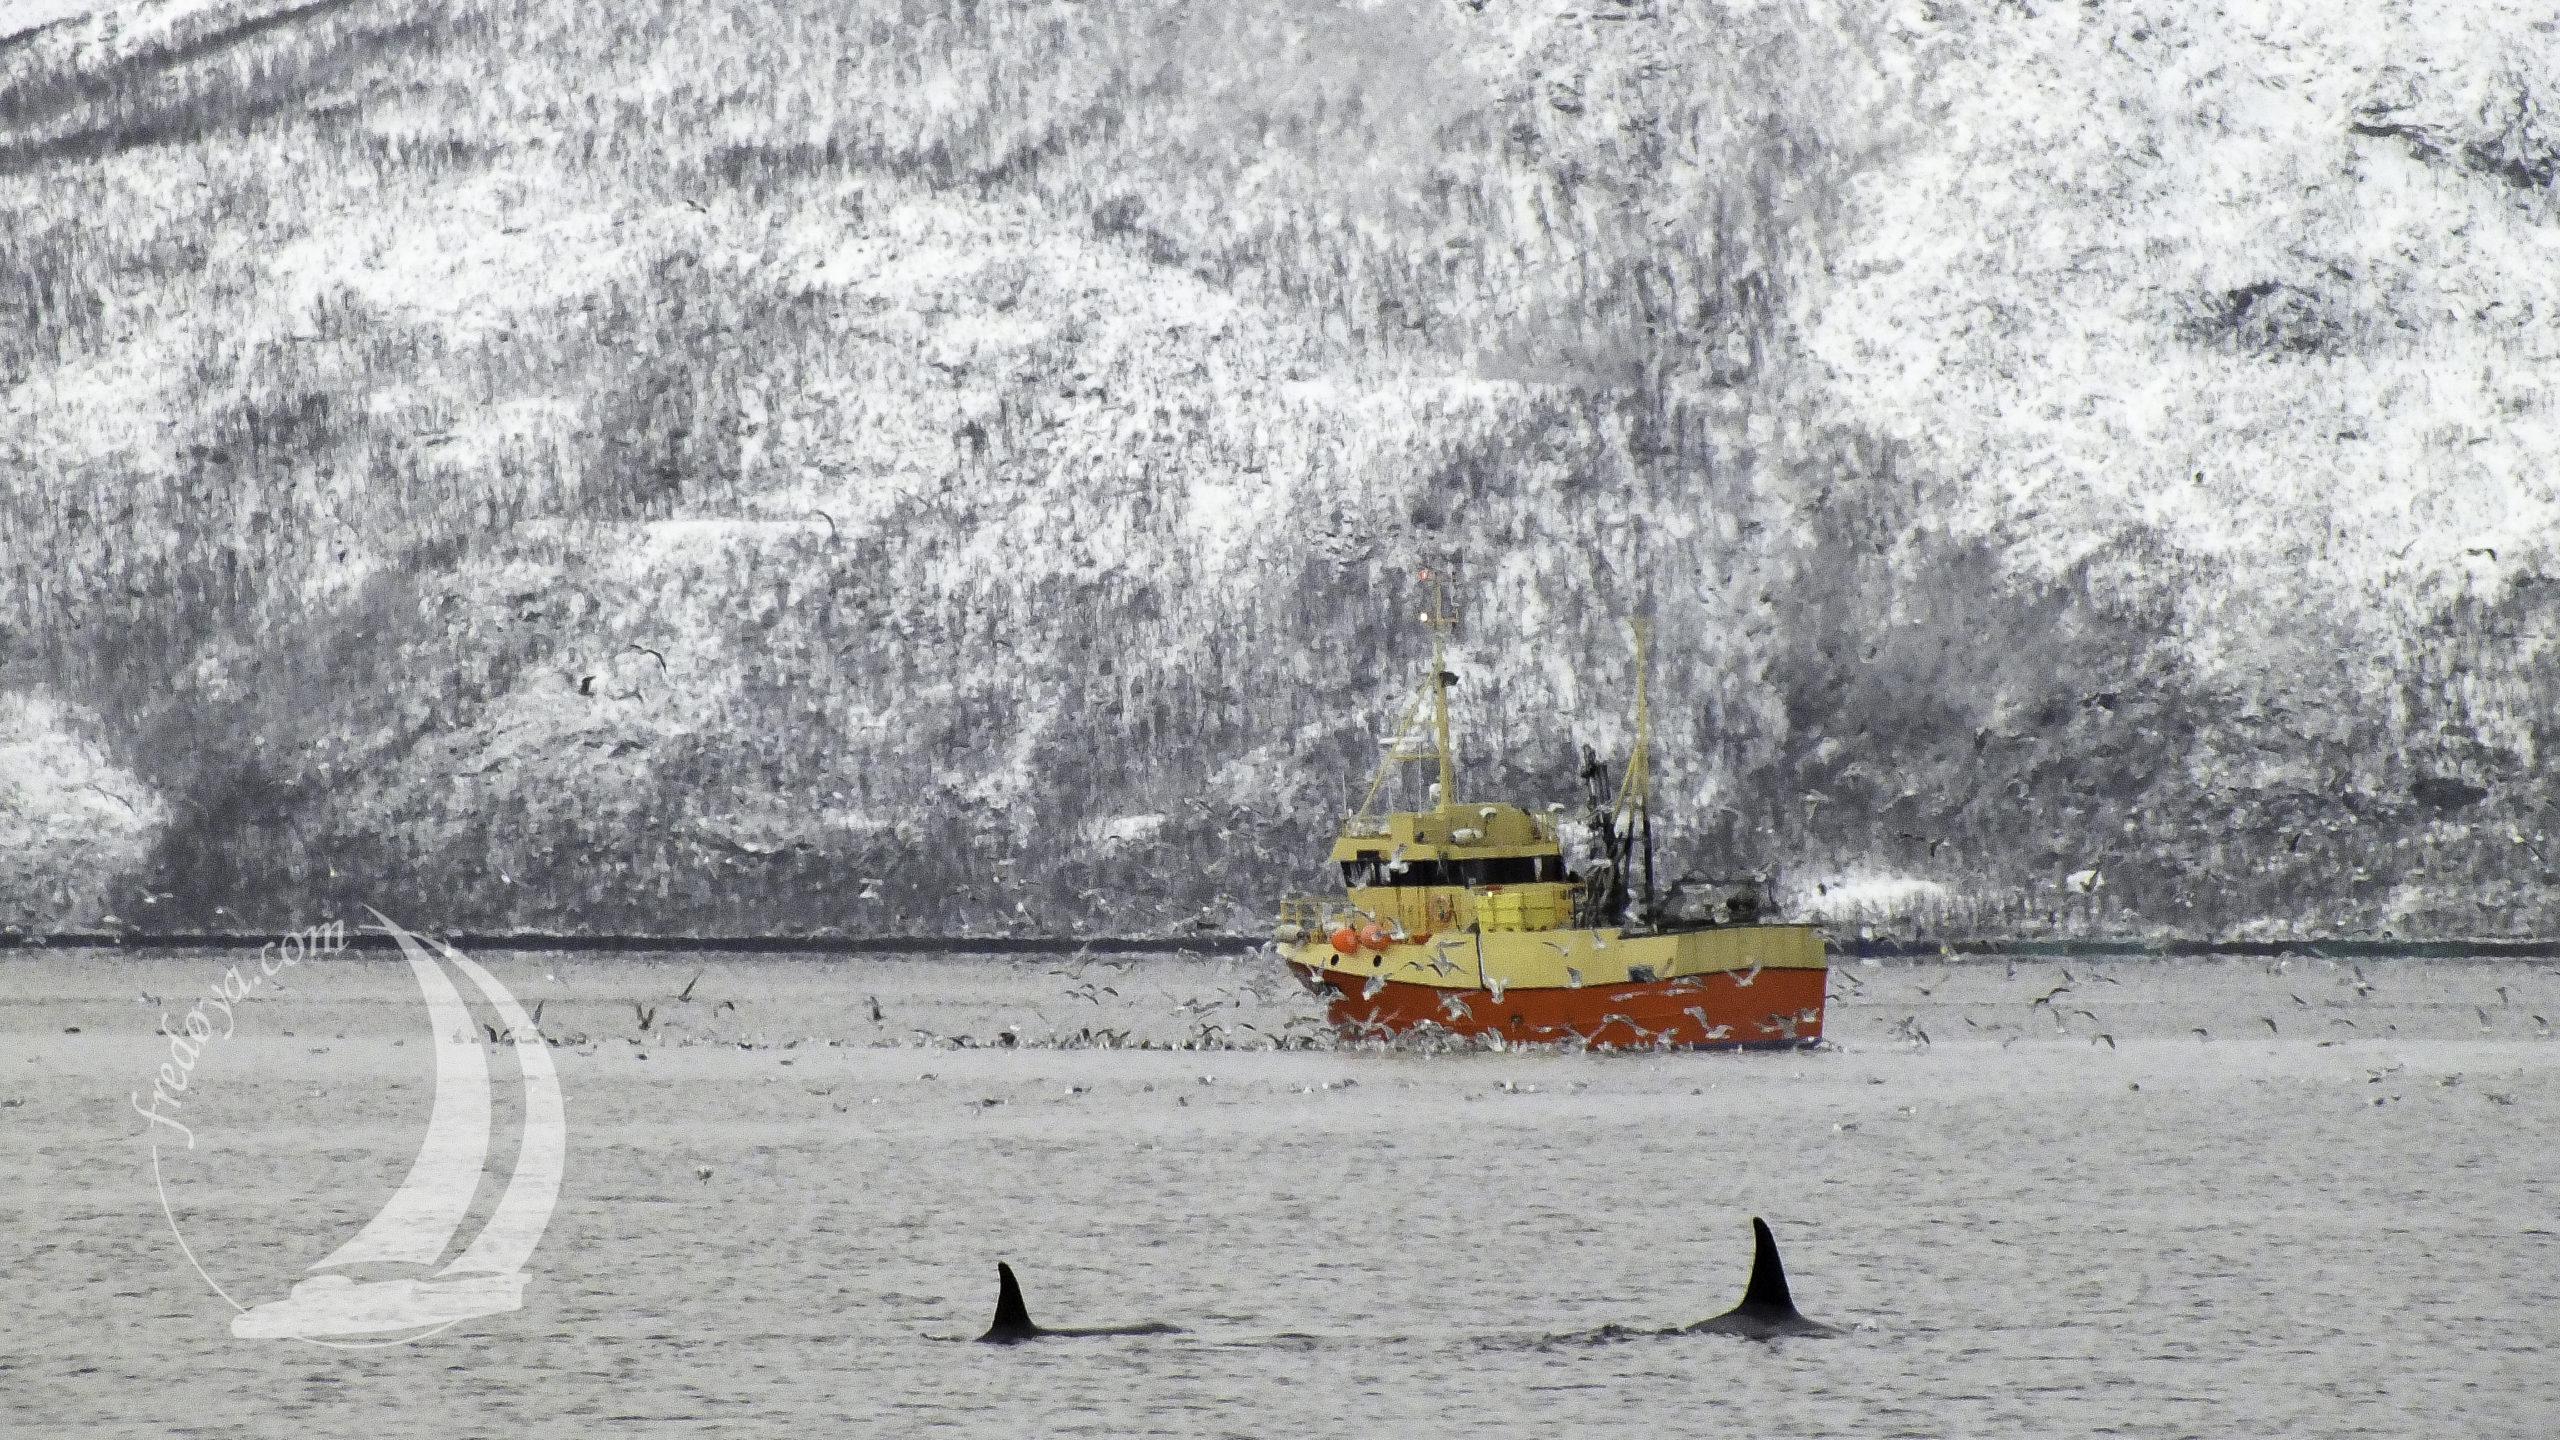 Norway - Kaldfjord - 2014